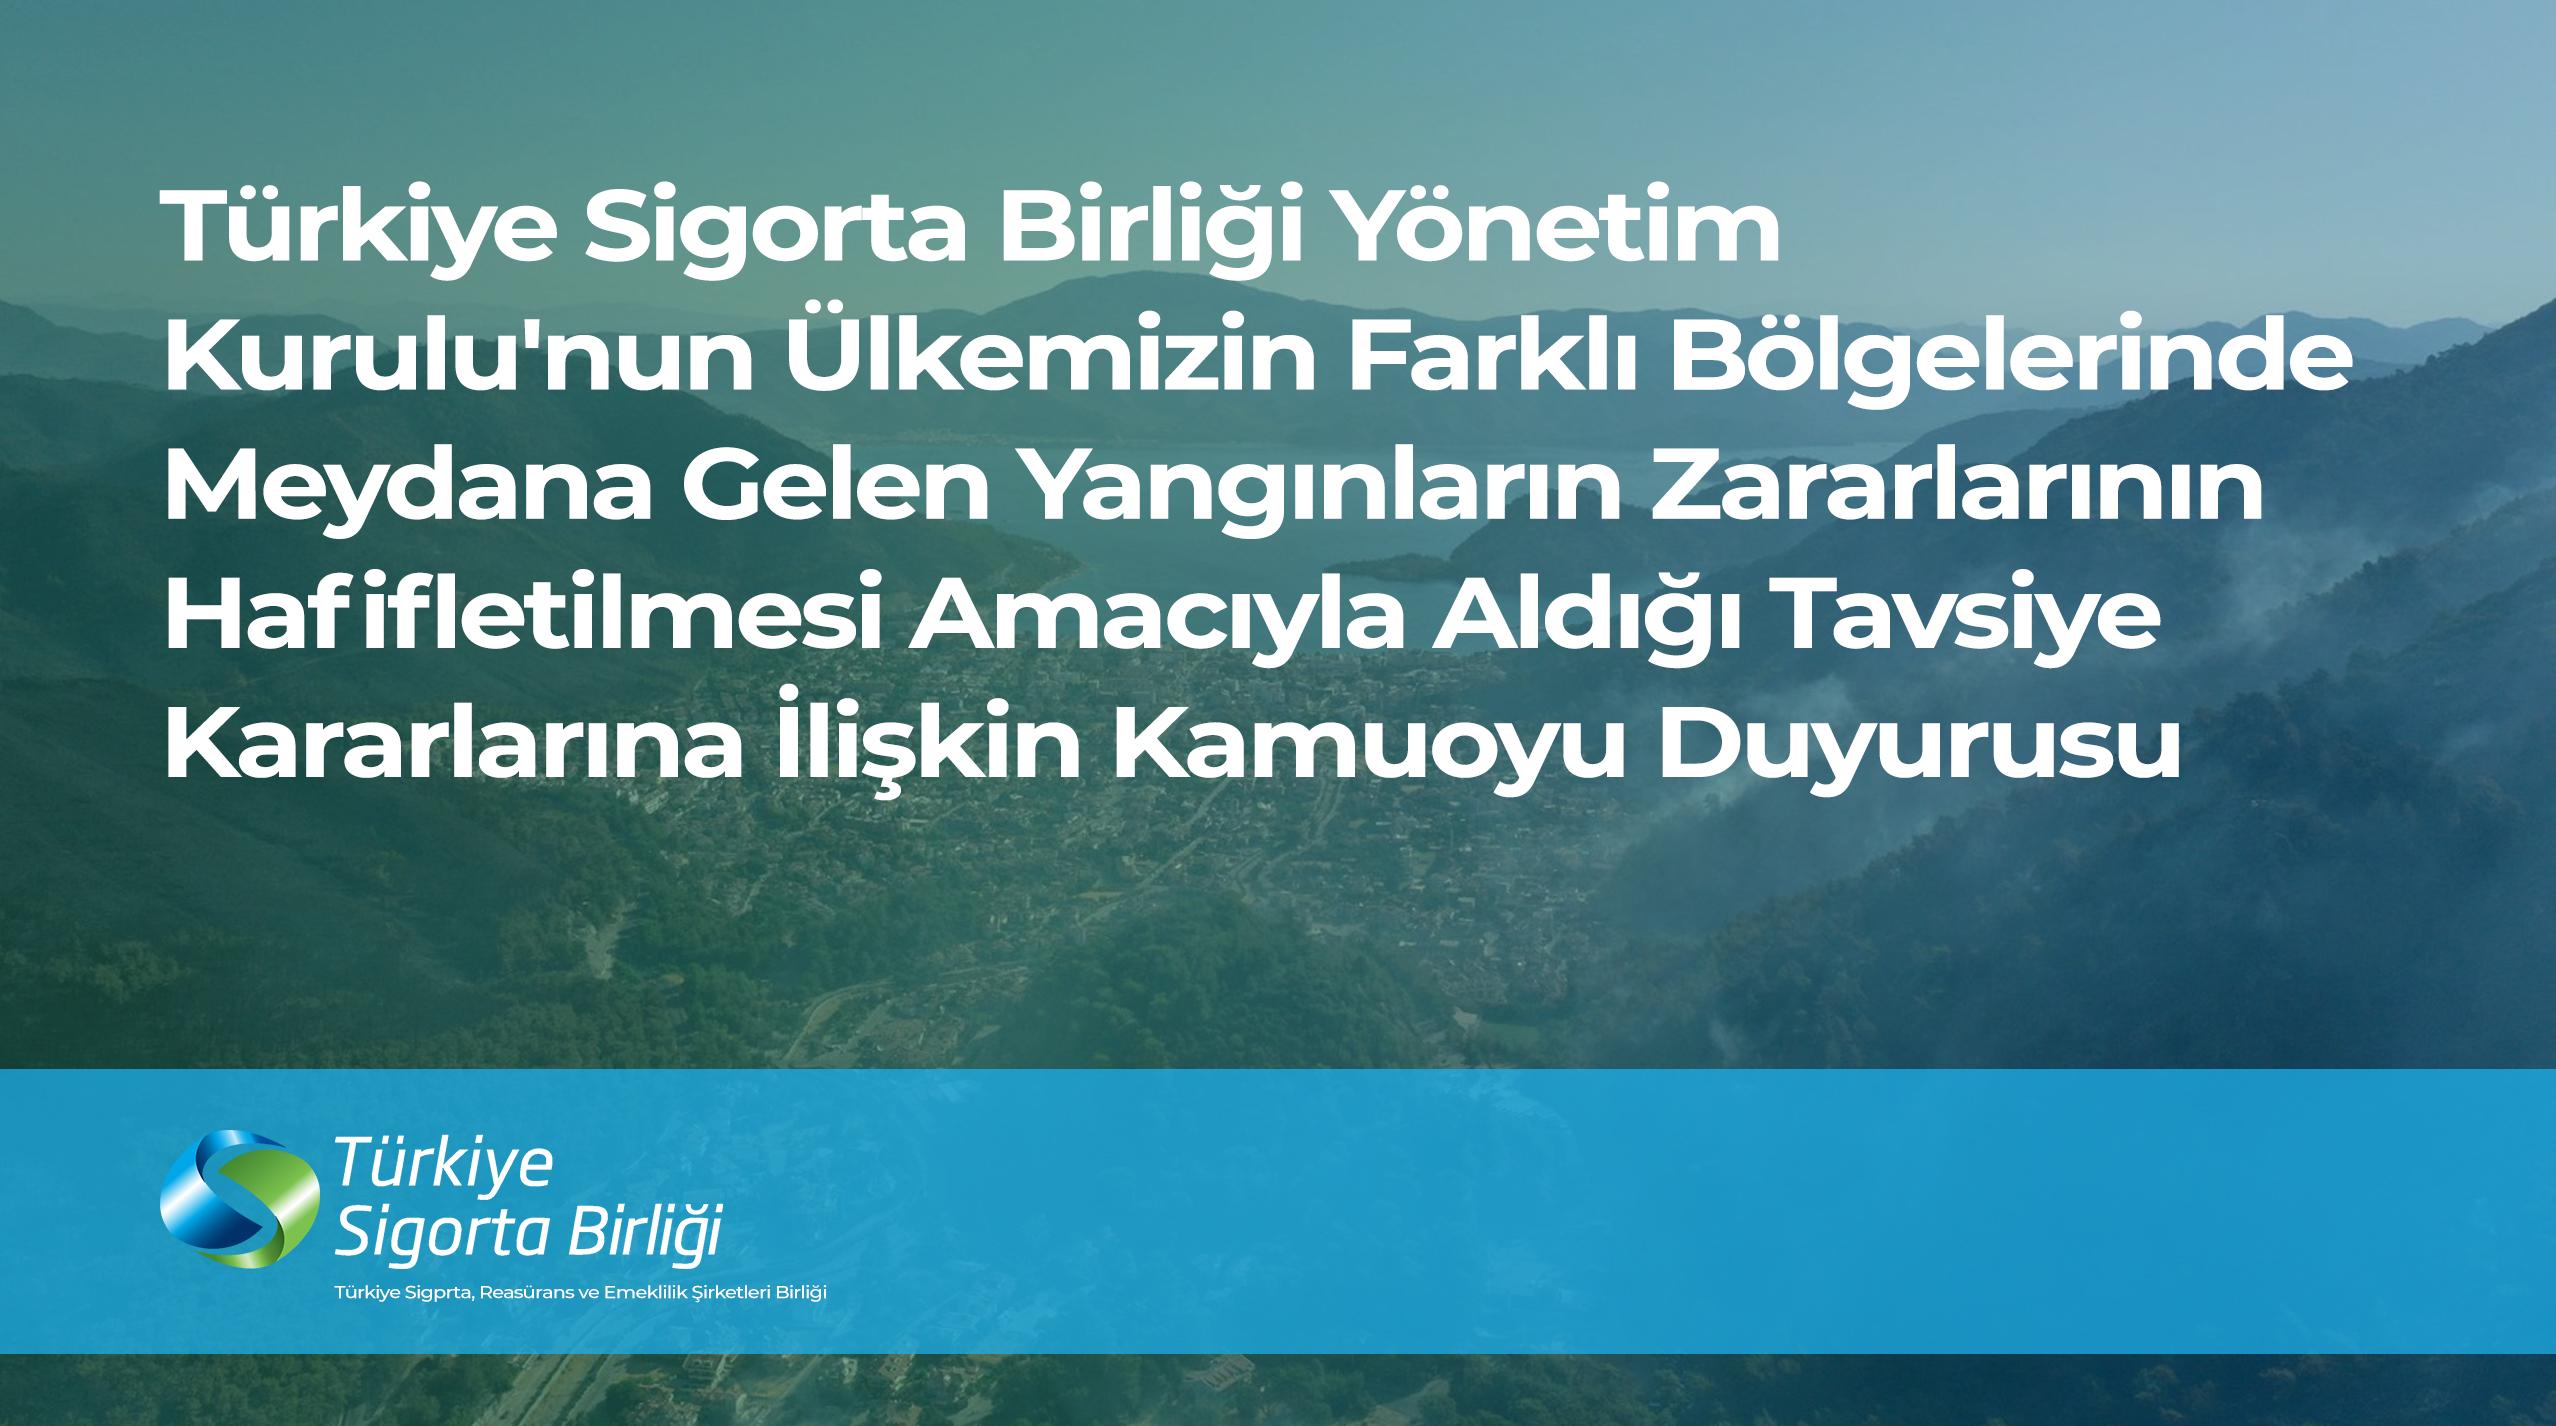 Türkiye Sigorta Birliği Yönetim Kurulu'nun Ülkemizin Farklı Bölgelerinde Meydana Gelen Yangınların Zararlarının Hafifletilmesi Amacıyla Aldığı Tavsiye Kararlarına İlişkin Kamuoyu Duyurusu